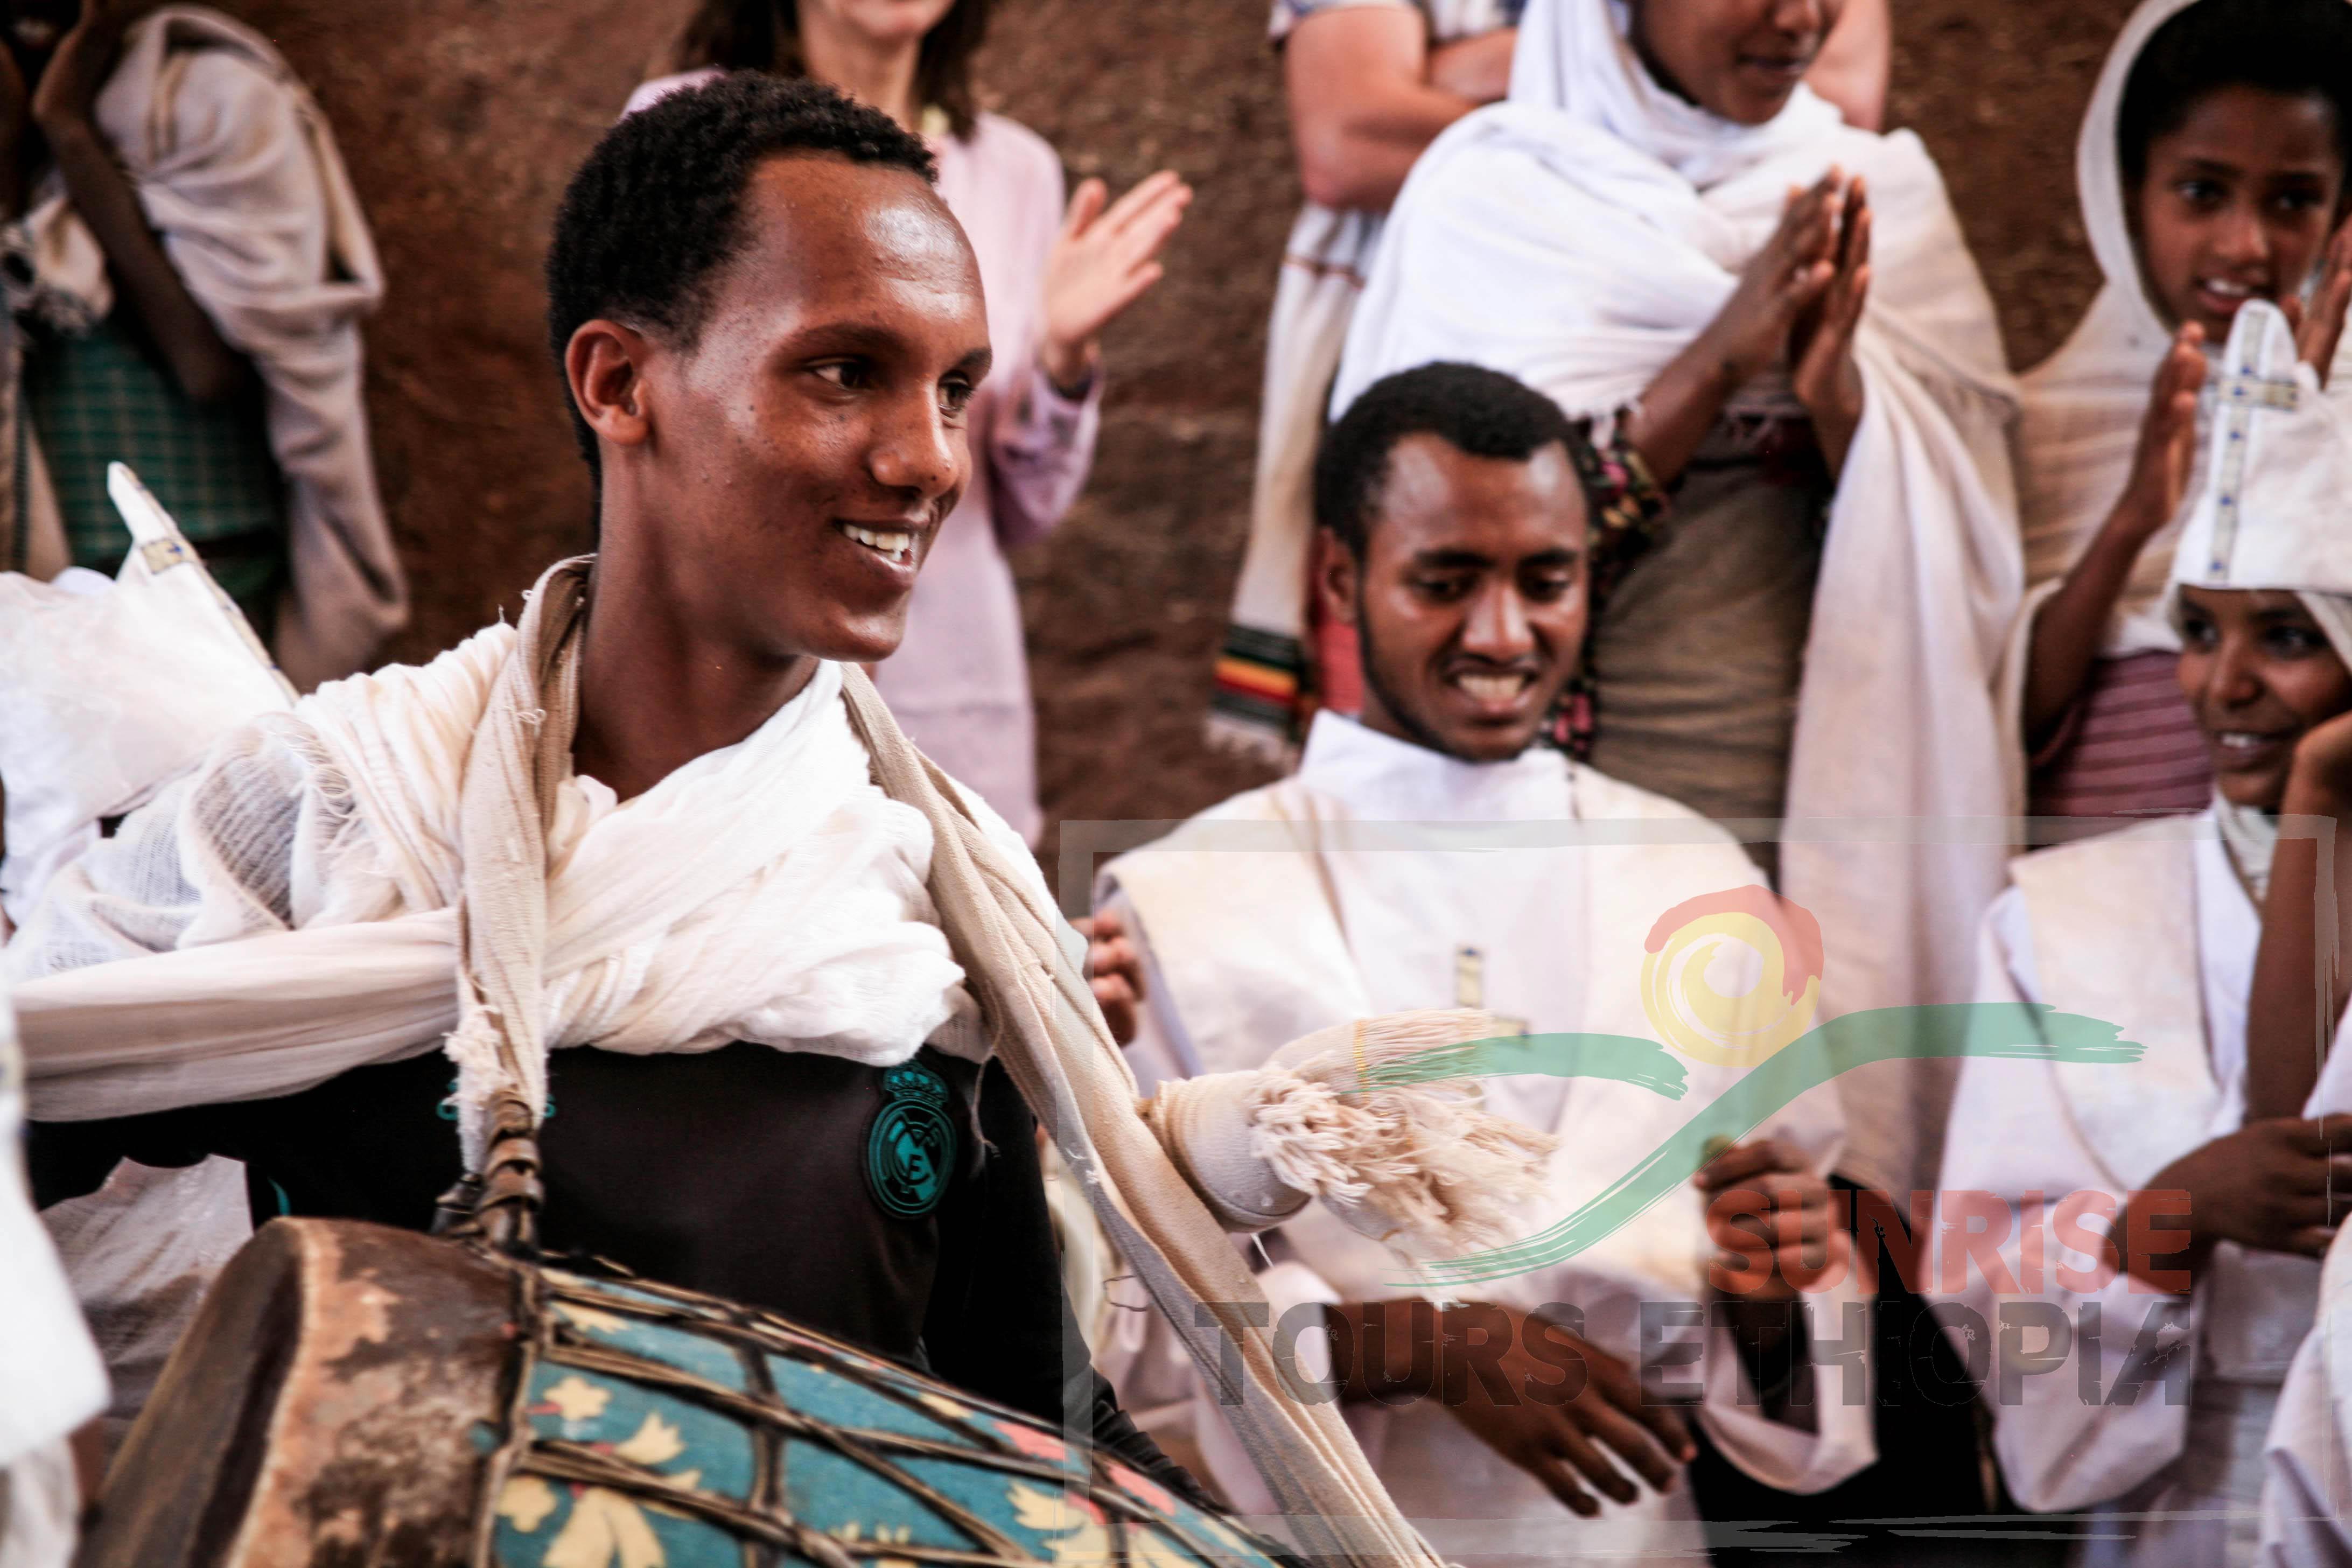 LALIBELA CELEBRATION SUNDAY SCHOOL DRUMMER ETHIOPIA